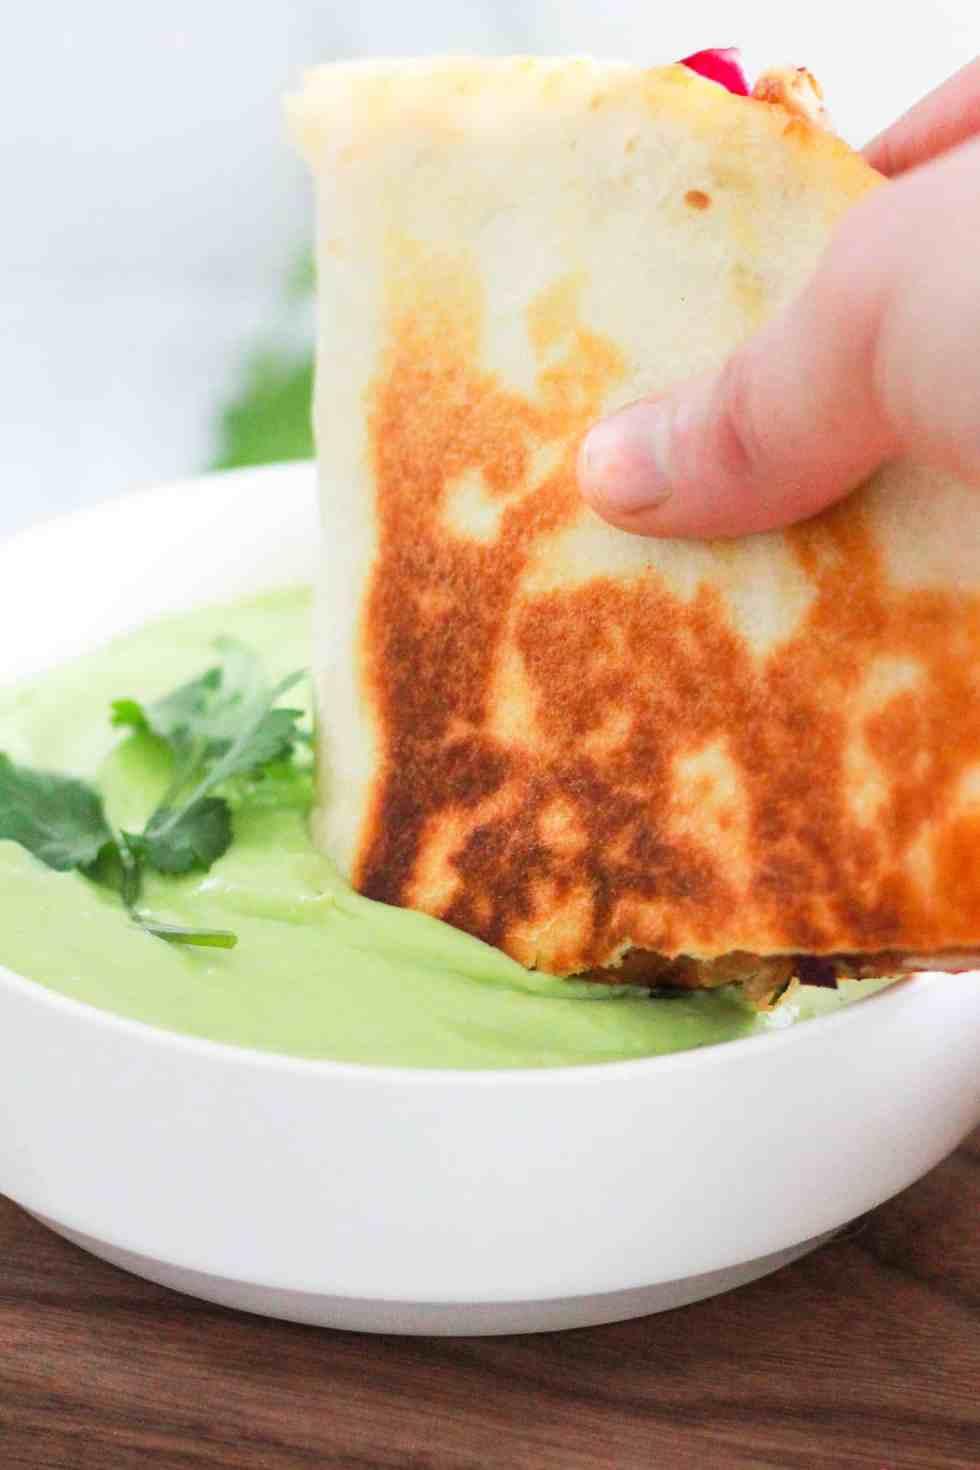 Dipping a vegetarian quesadilla into green avocado crema sauce.